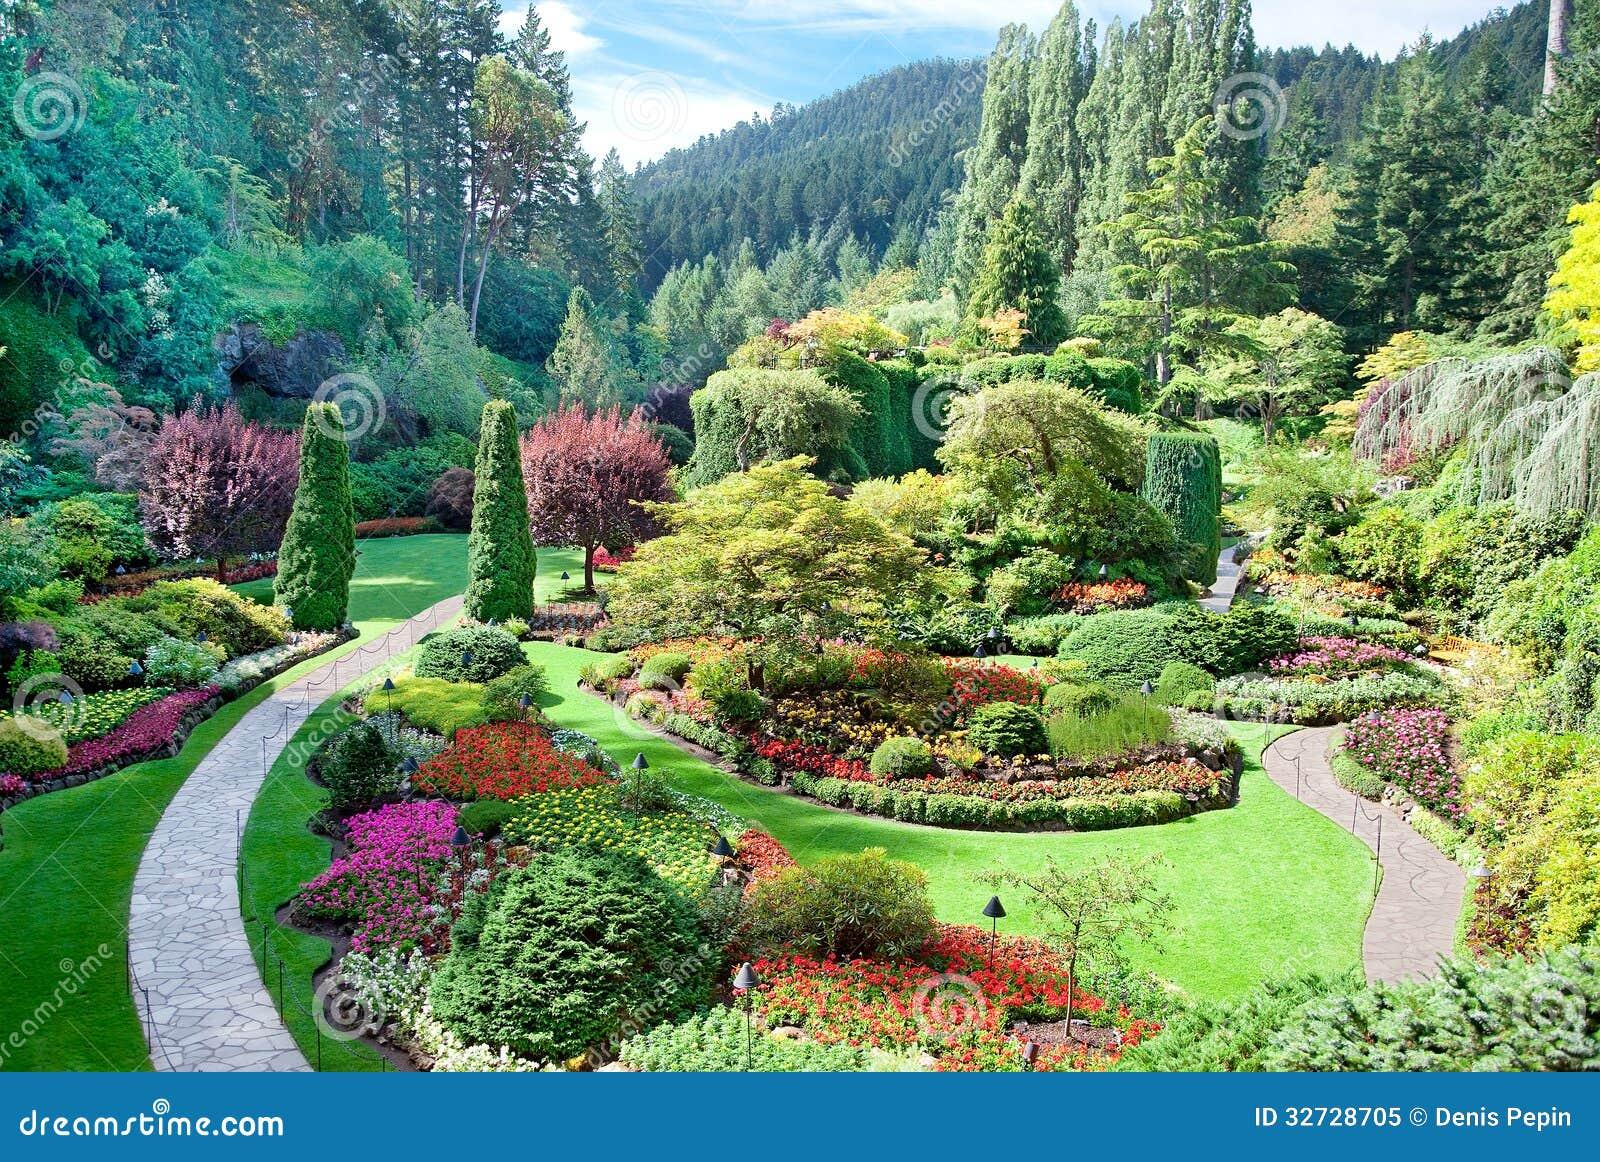 Sunken Garden At Butchart Gardens Central Saanich British Colu Royalty Free Stock Photo